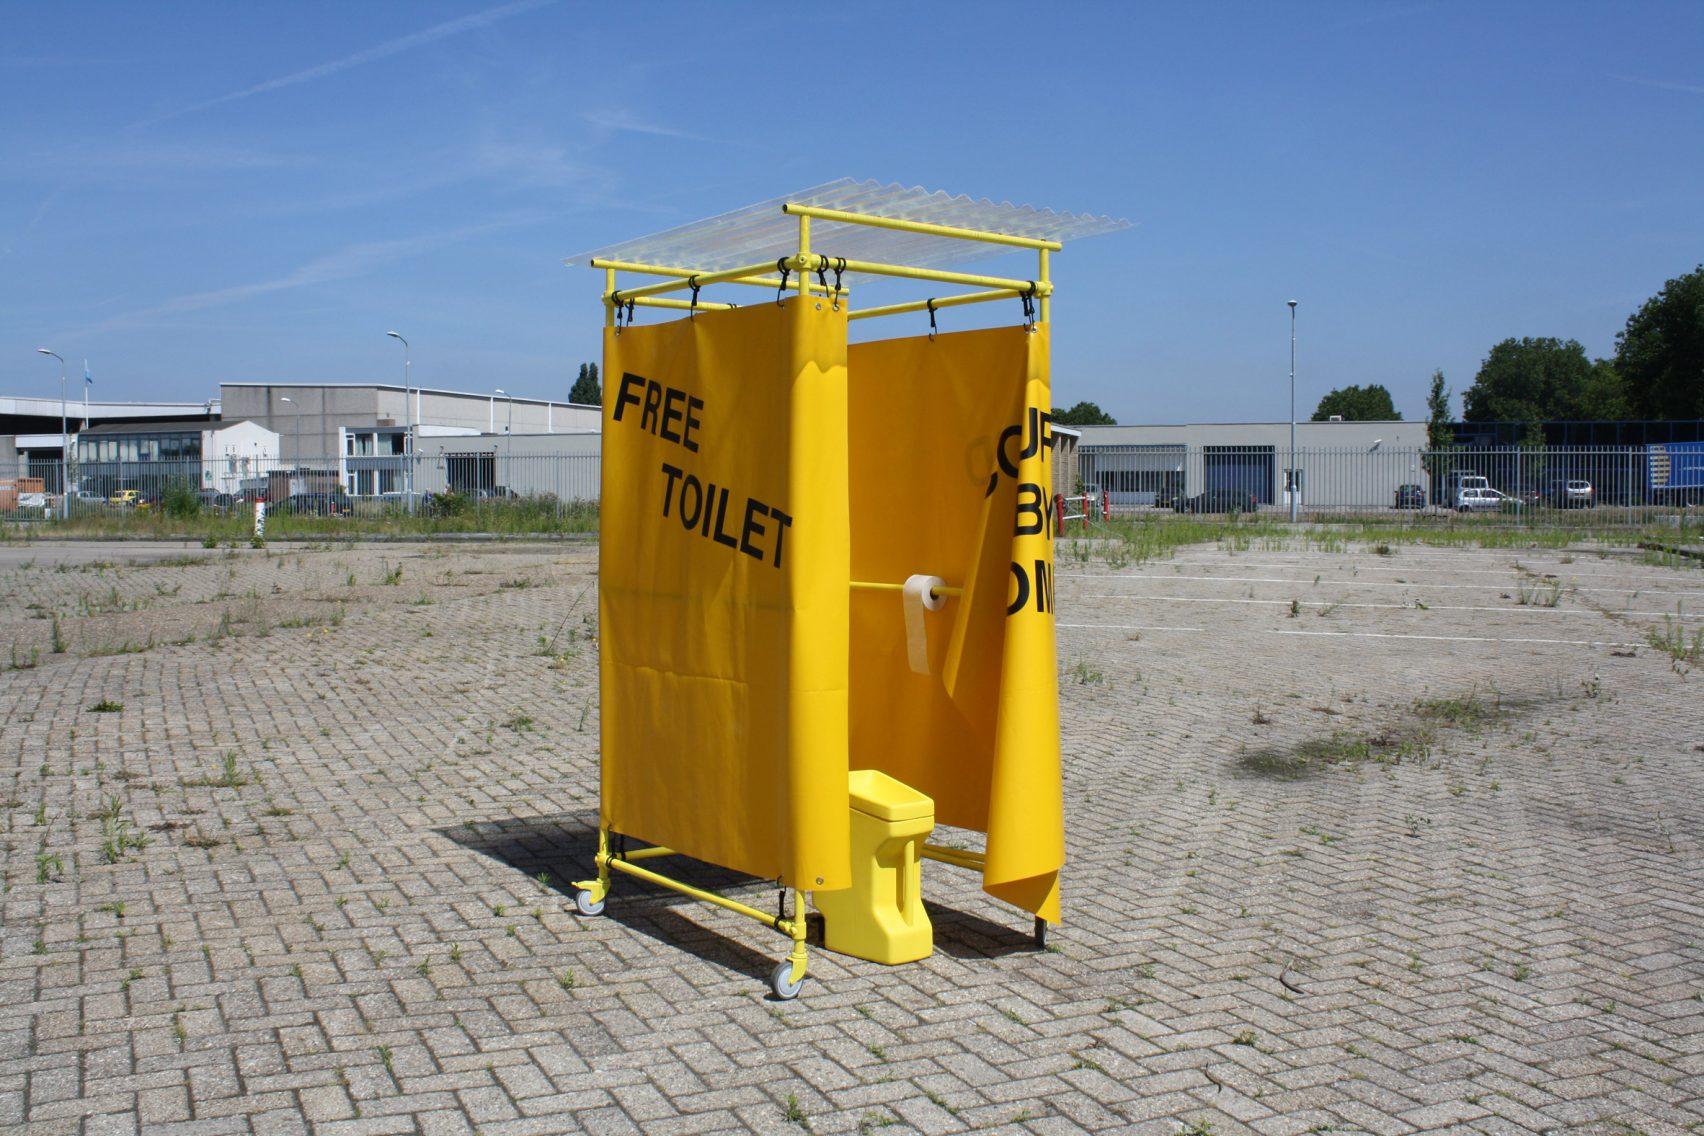 Mobiel Toilet Kopen : Yellow spot een mobiel protest toilet service management nieuws